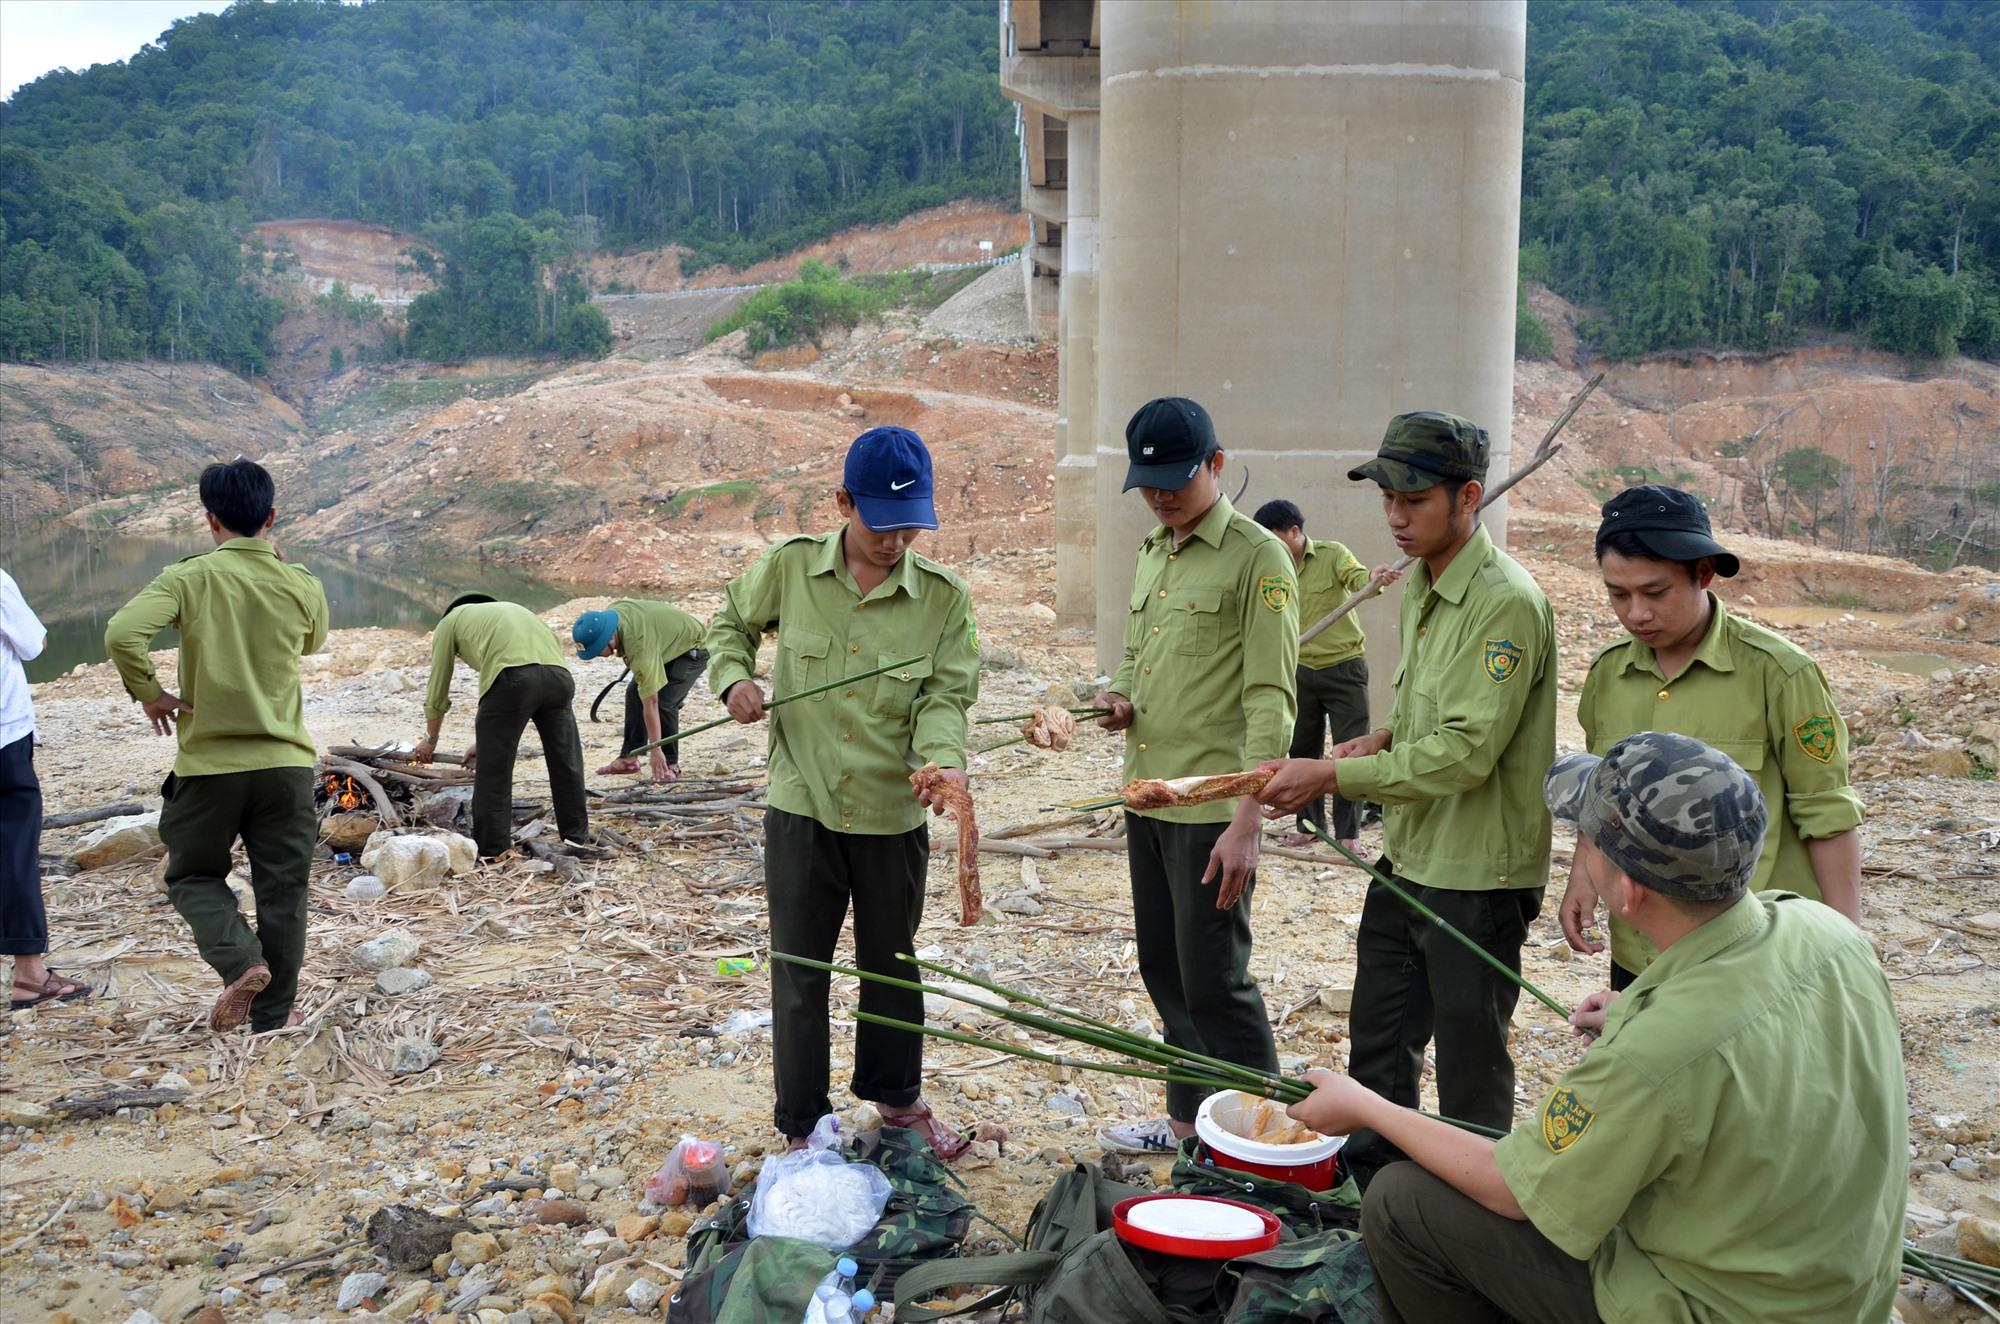 Lực lượng bảo vệ rừng chuyên trách của Ban Quản lý Khu bảo tồn loài và sinh cảnh voi Nông Sơn chuẩn bị bữa ăn trưa khi tuần tra ở lưu vực thủy điện Khe Diên. Ảnh: H.P